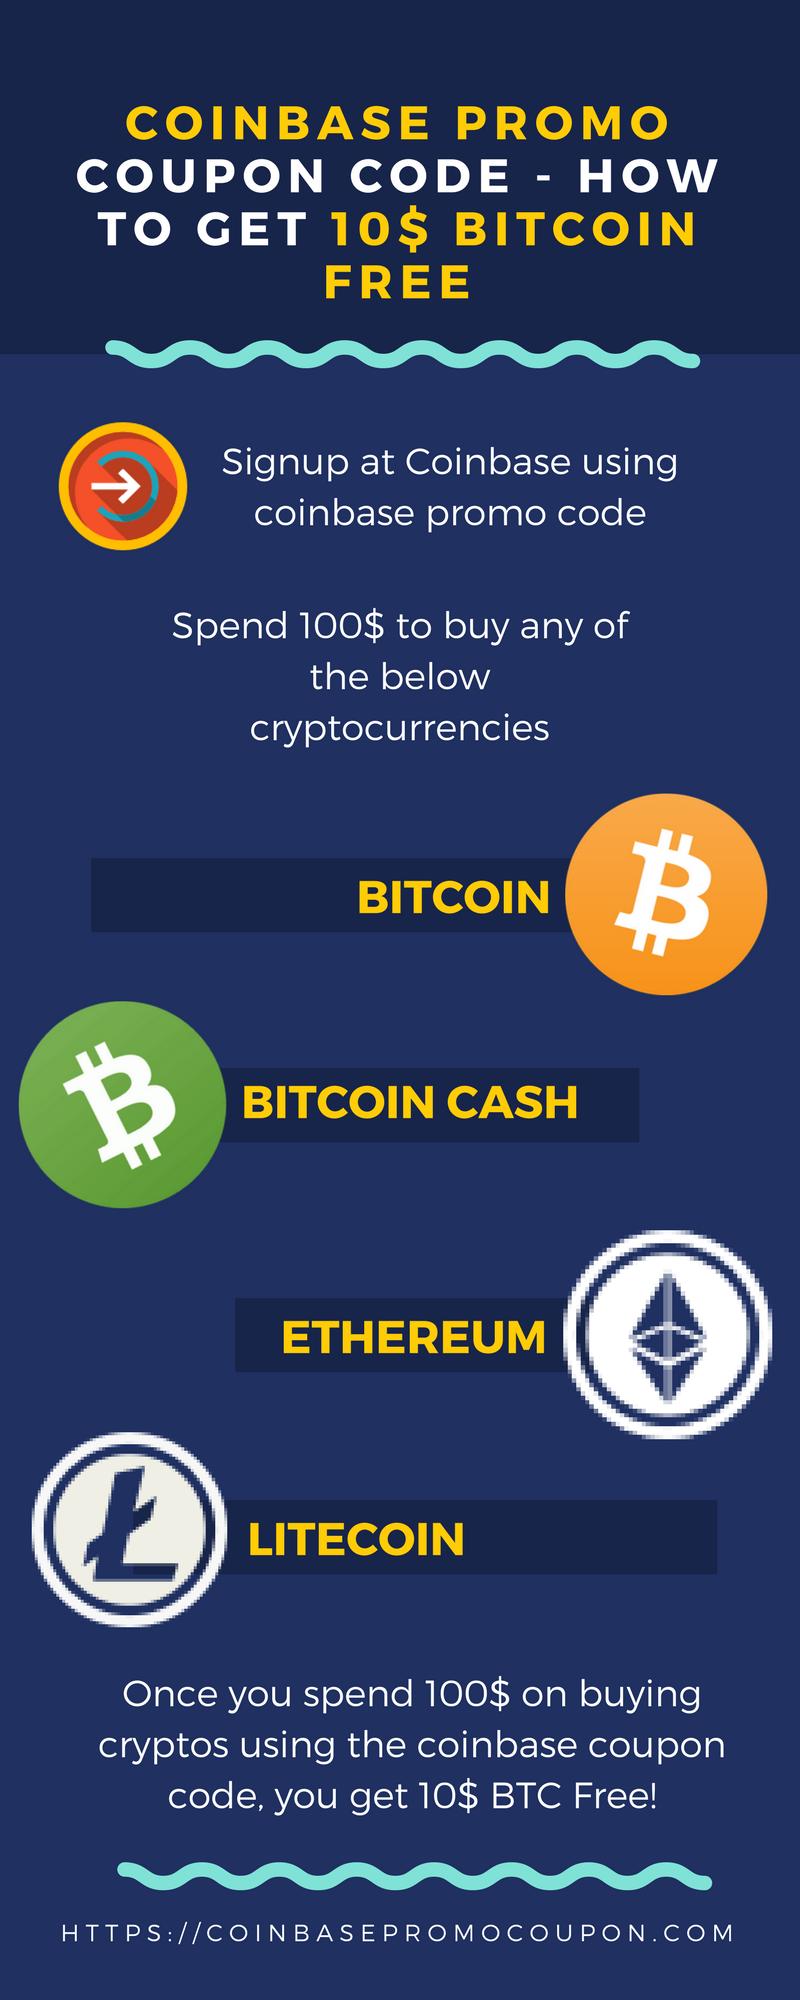 Coinbase Promo Coupon Code -How to Get 10$ Bitcoin Free